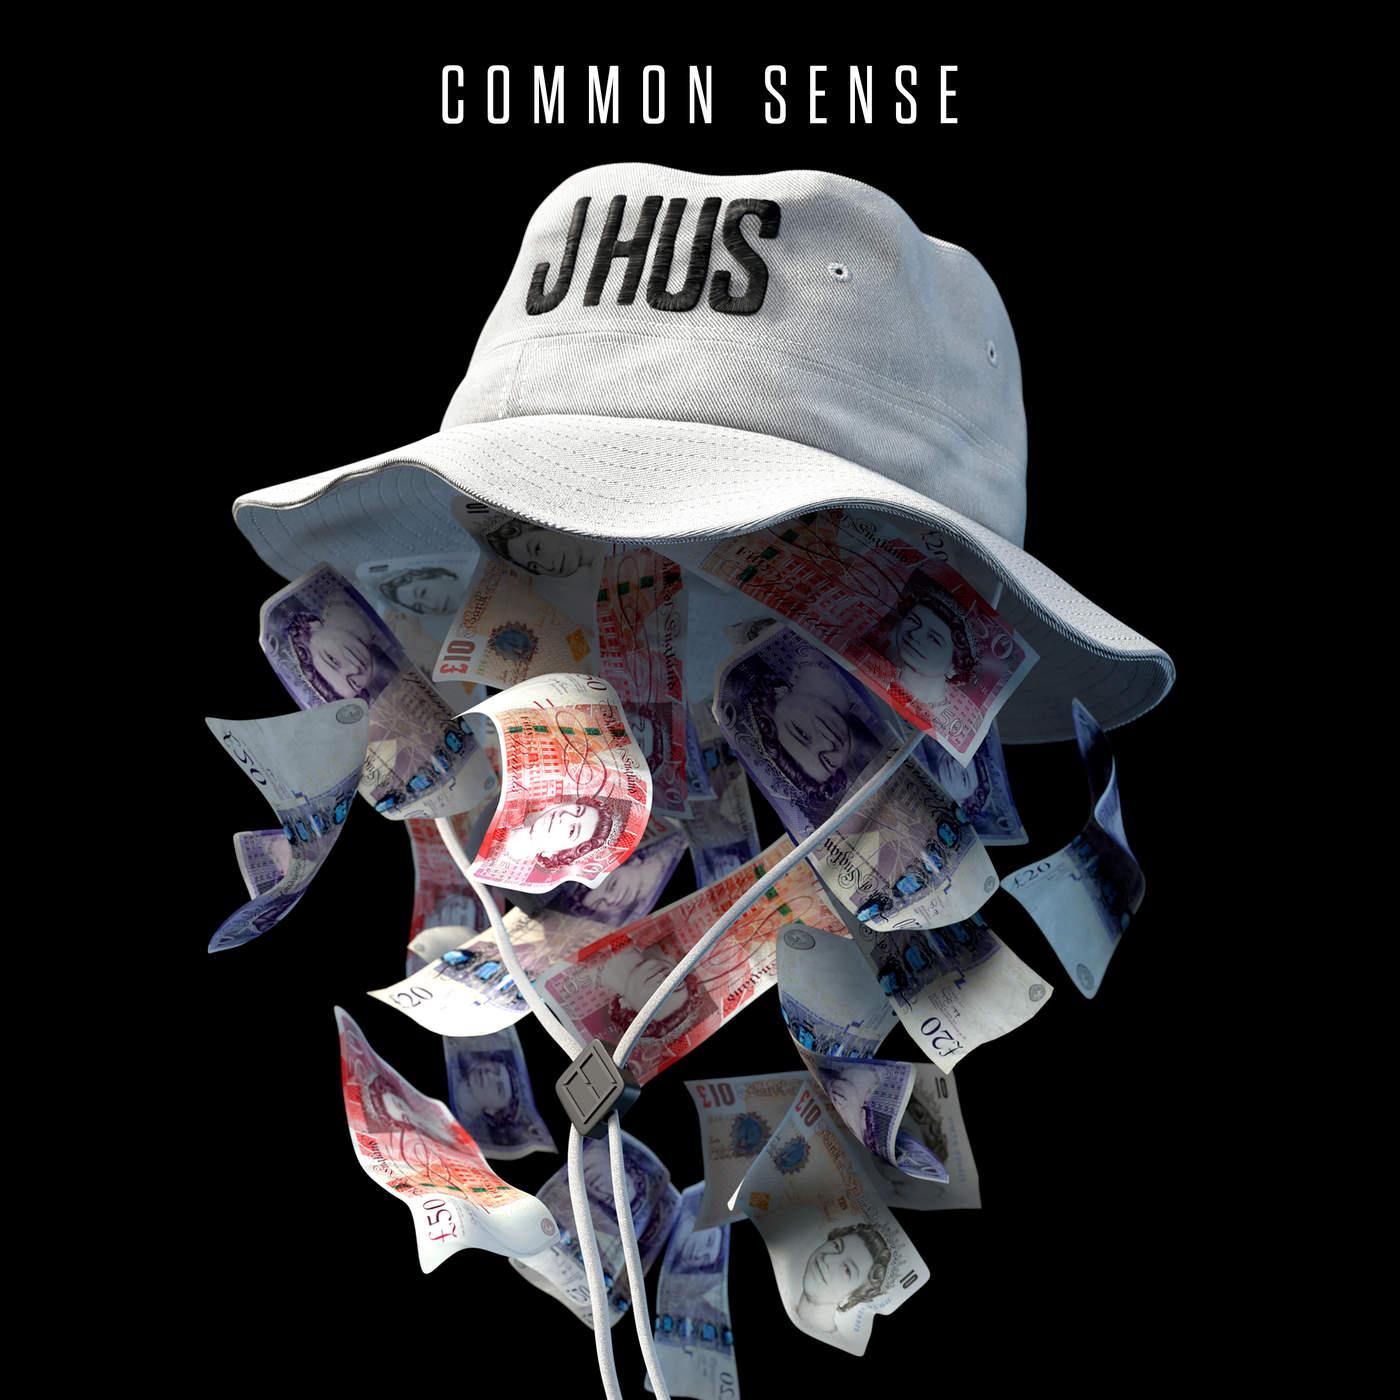 J Hus - Common Sense Cover